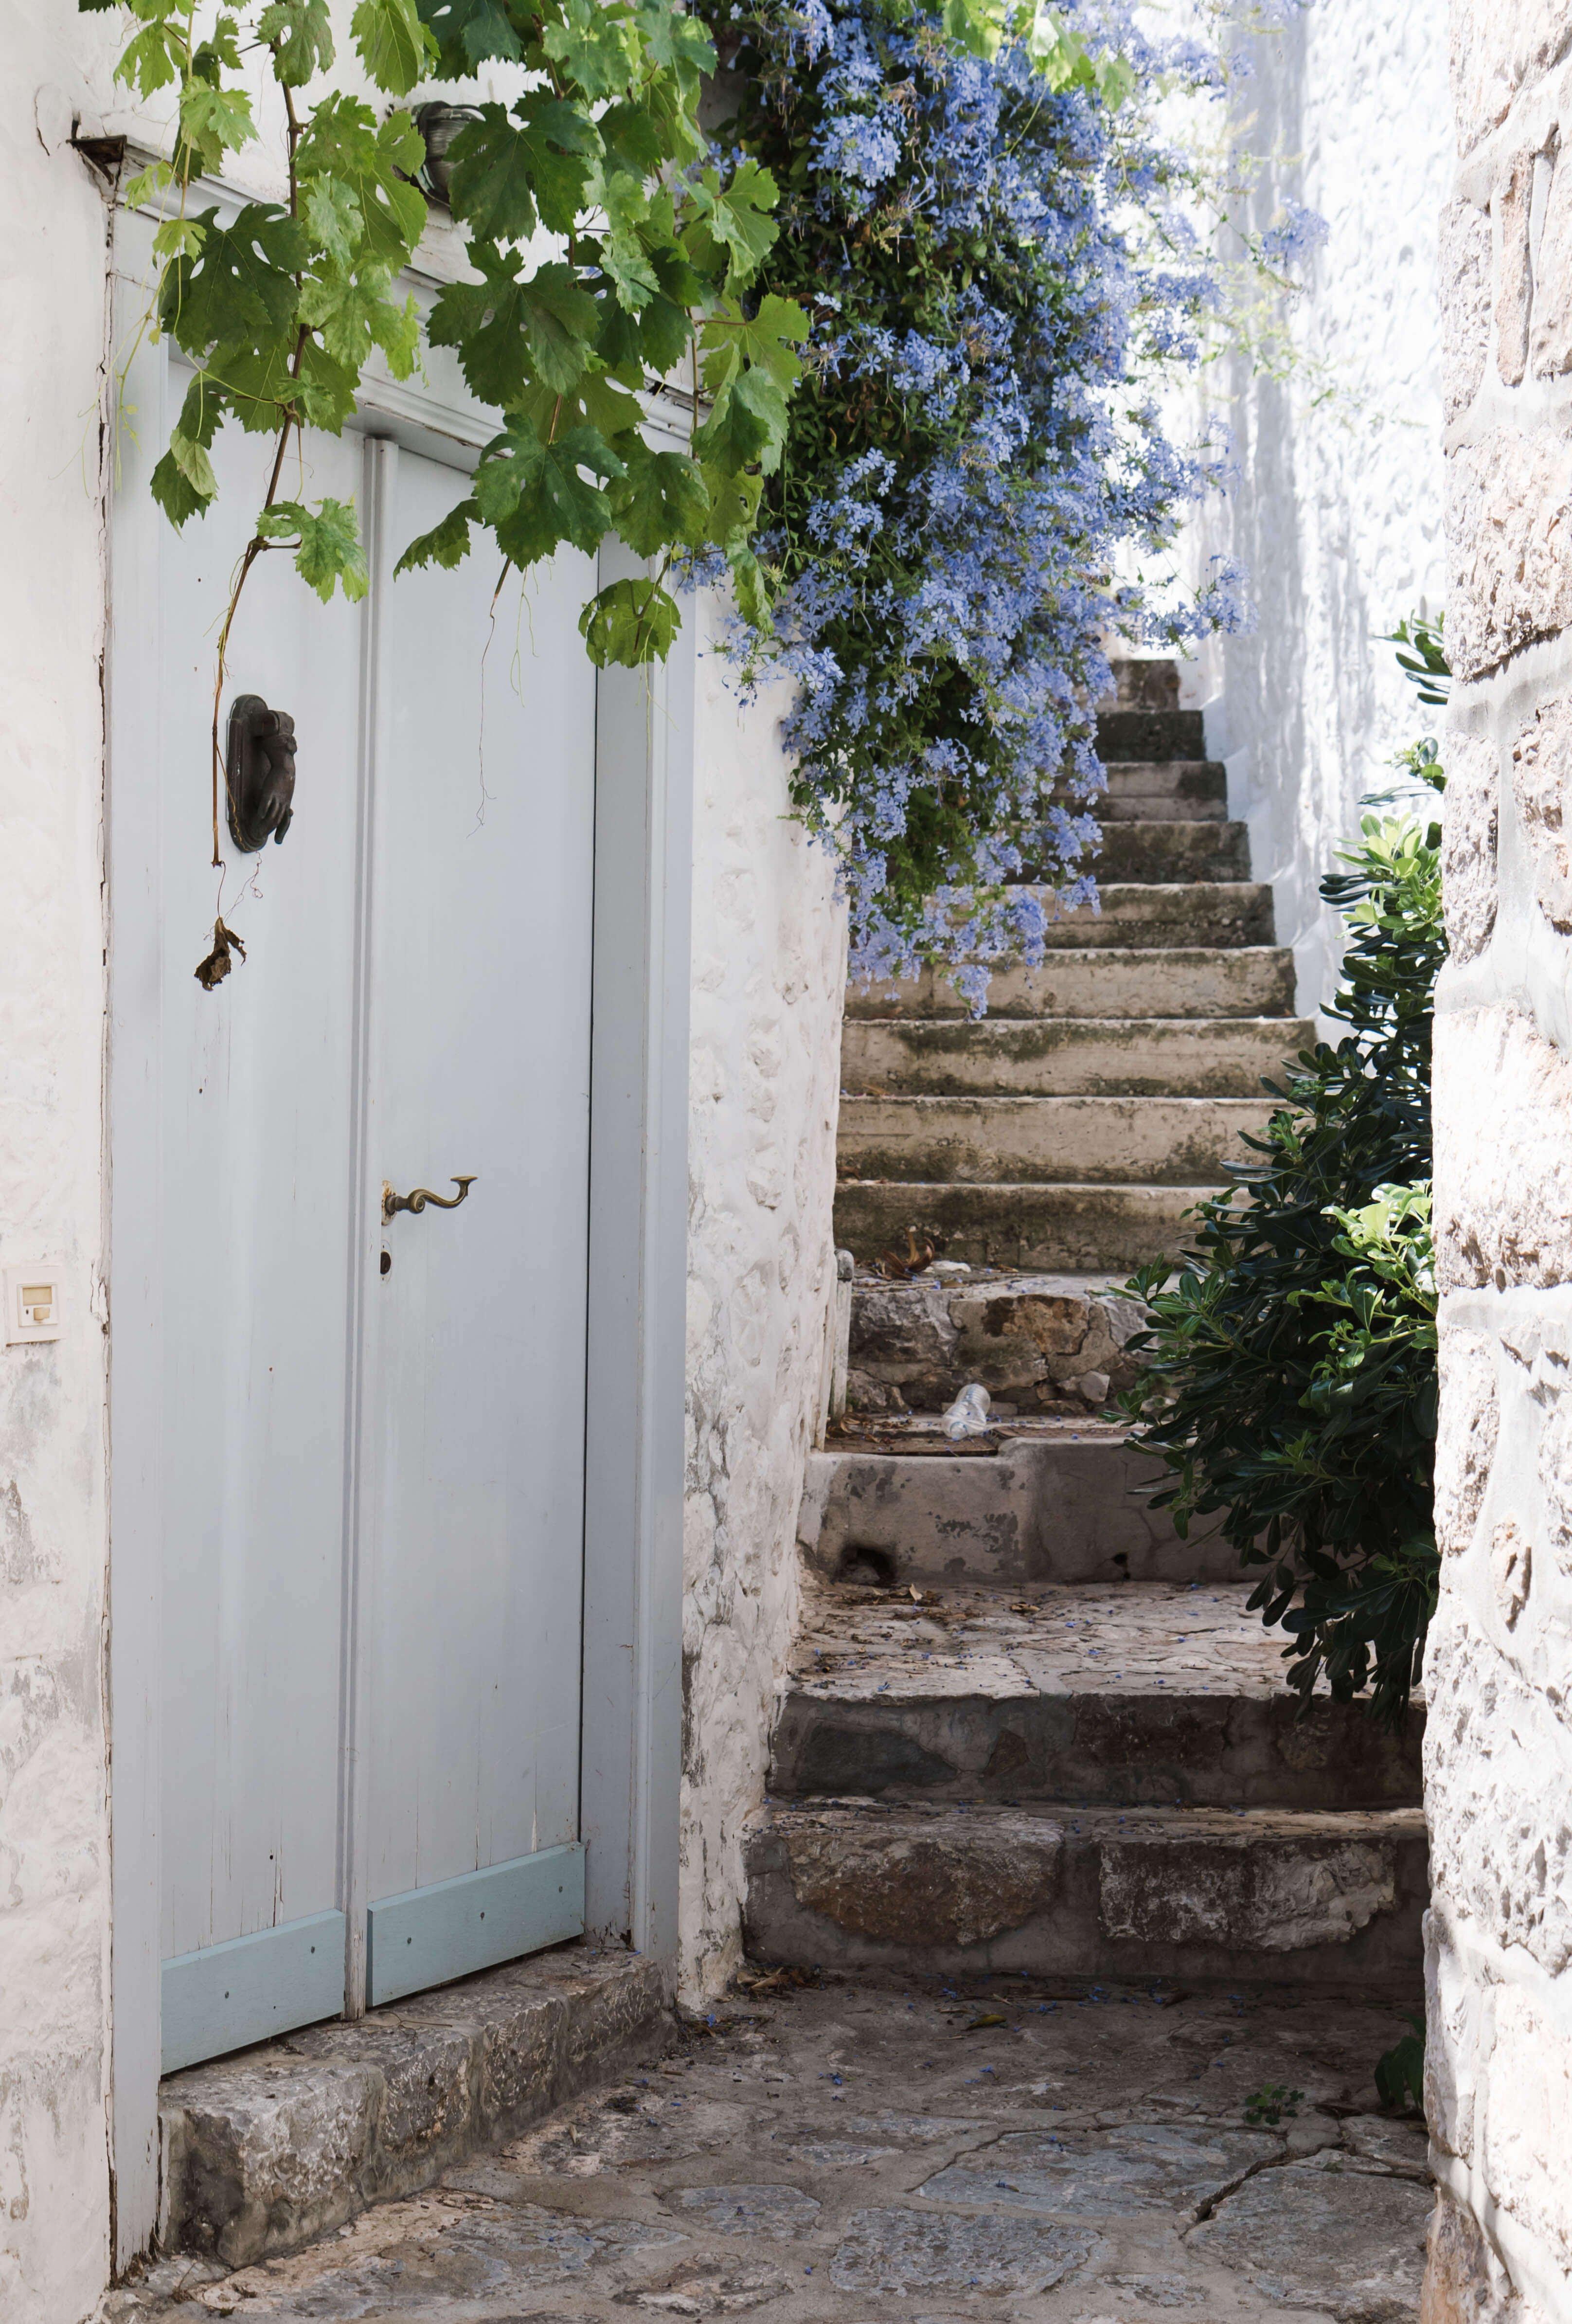 Griekse eiland Hydra